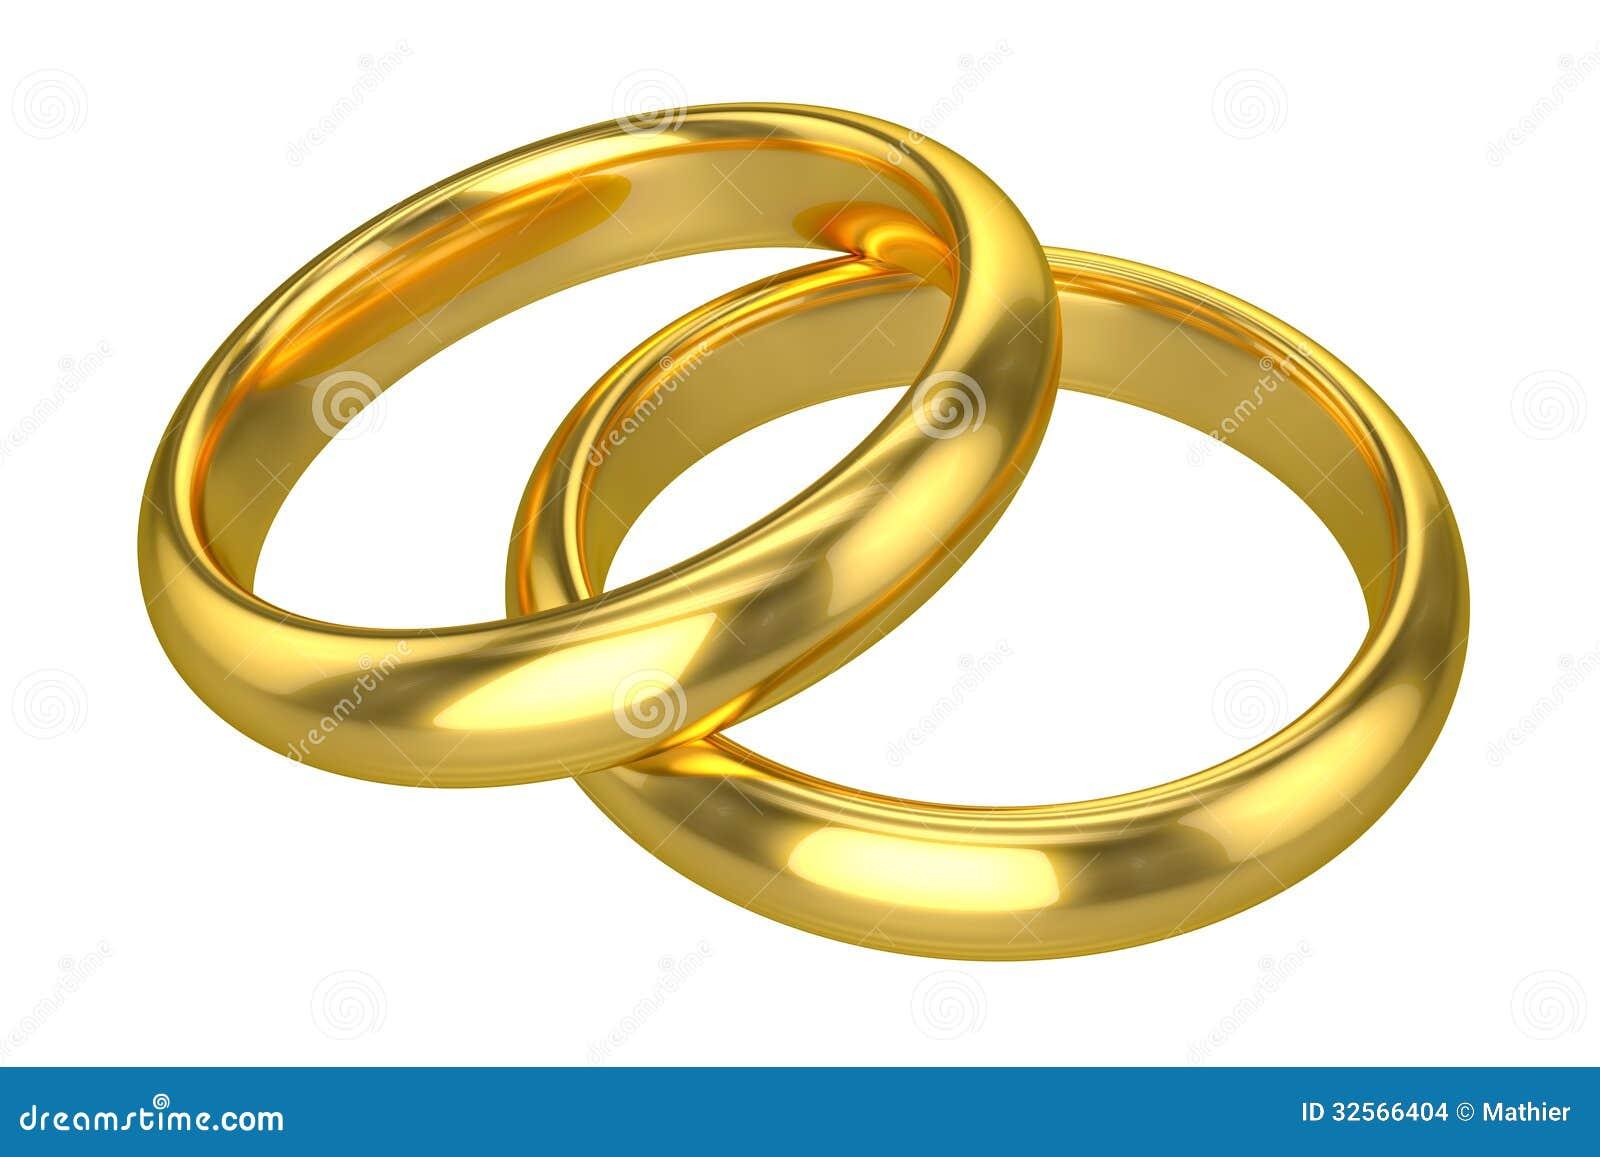 anillos de bodas realistas oro imagenes de archivo